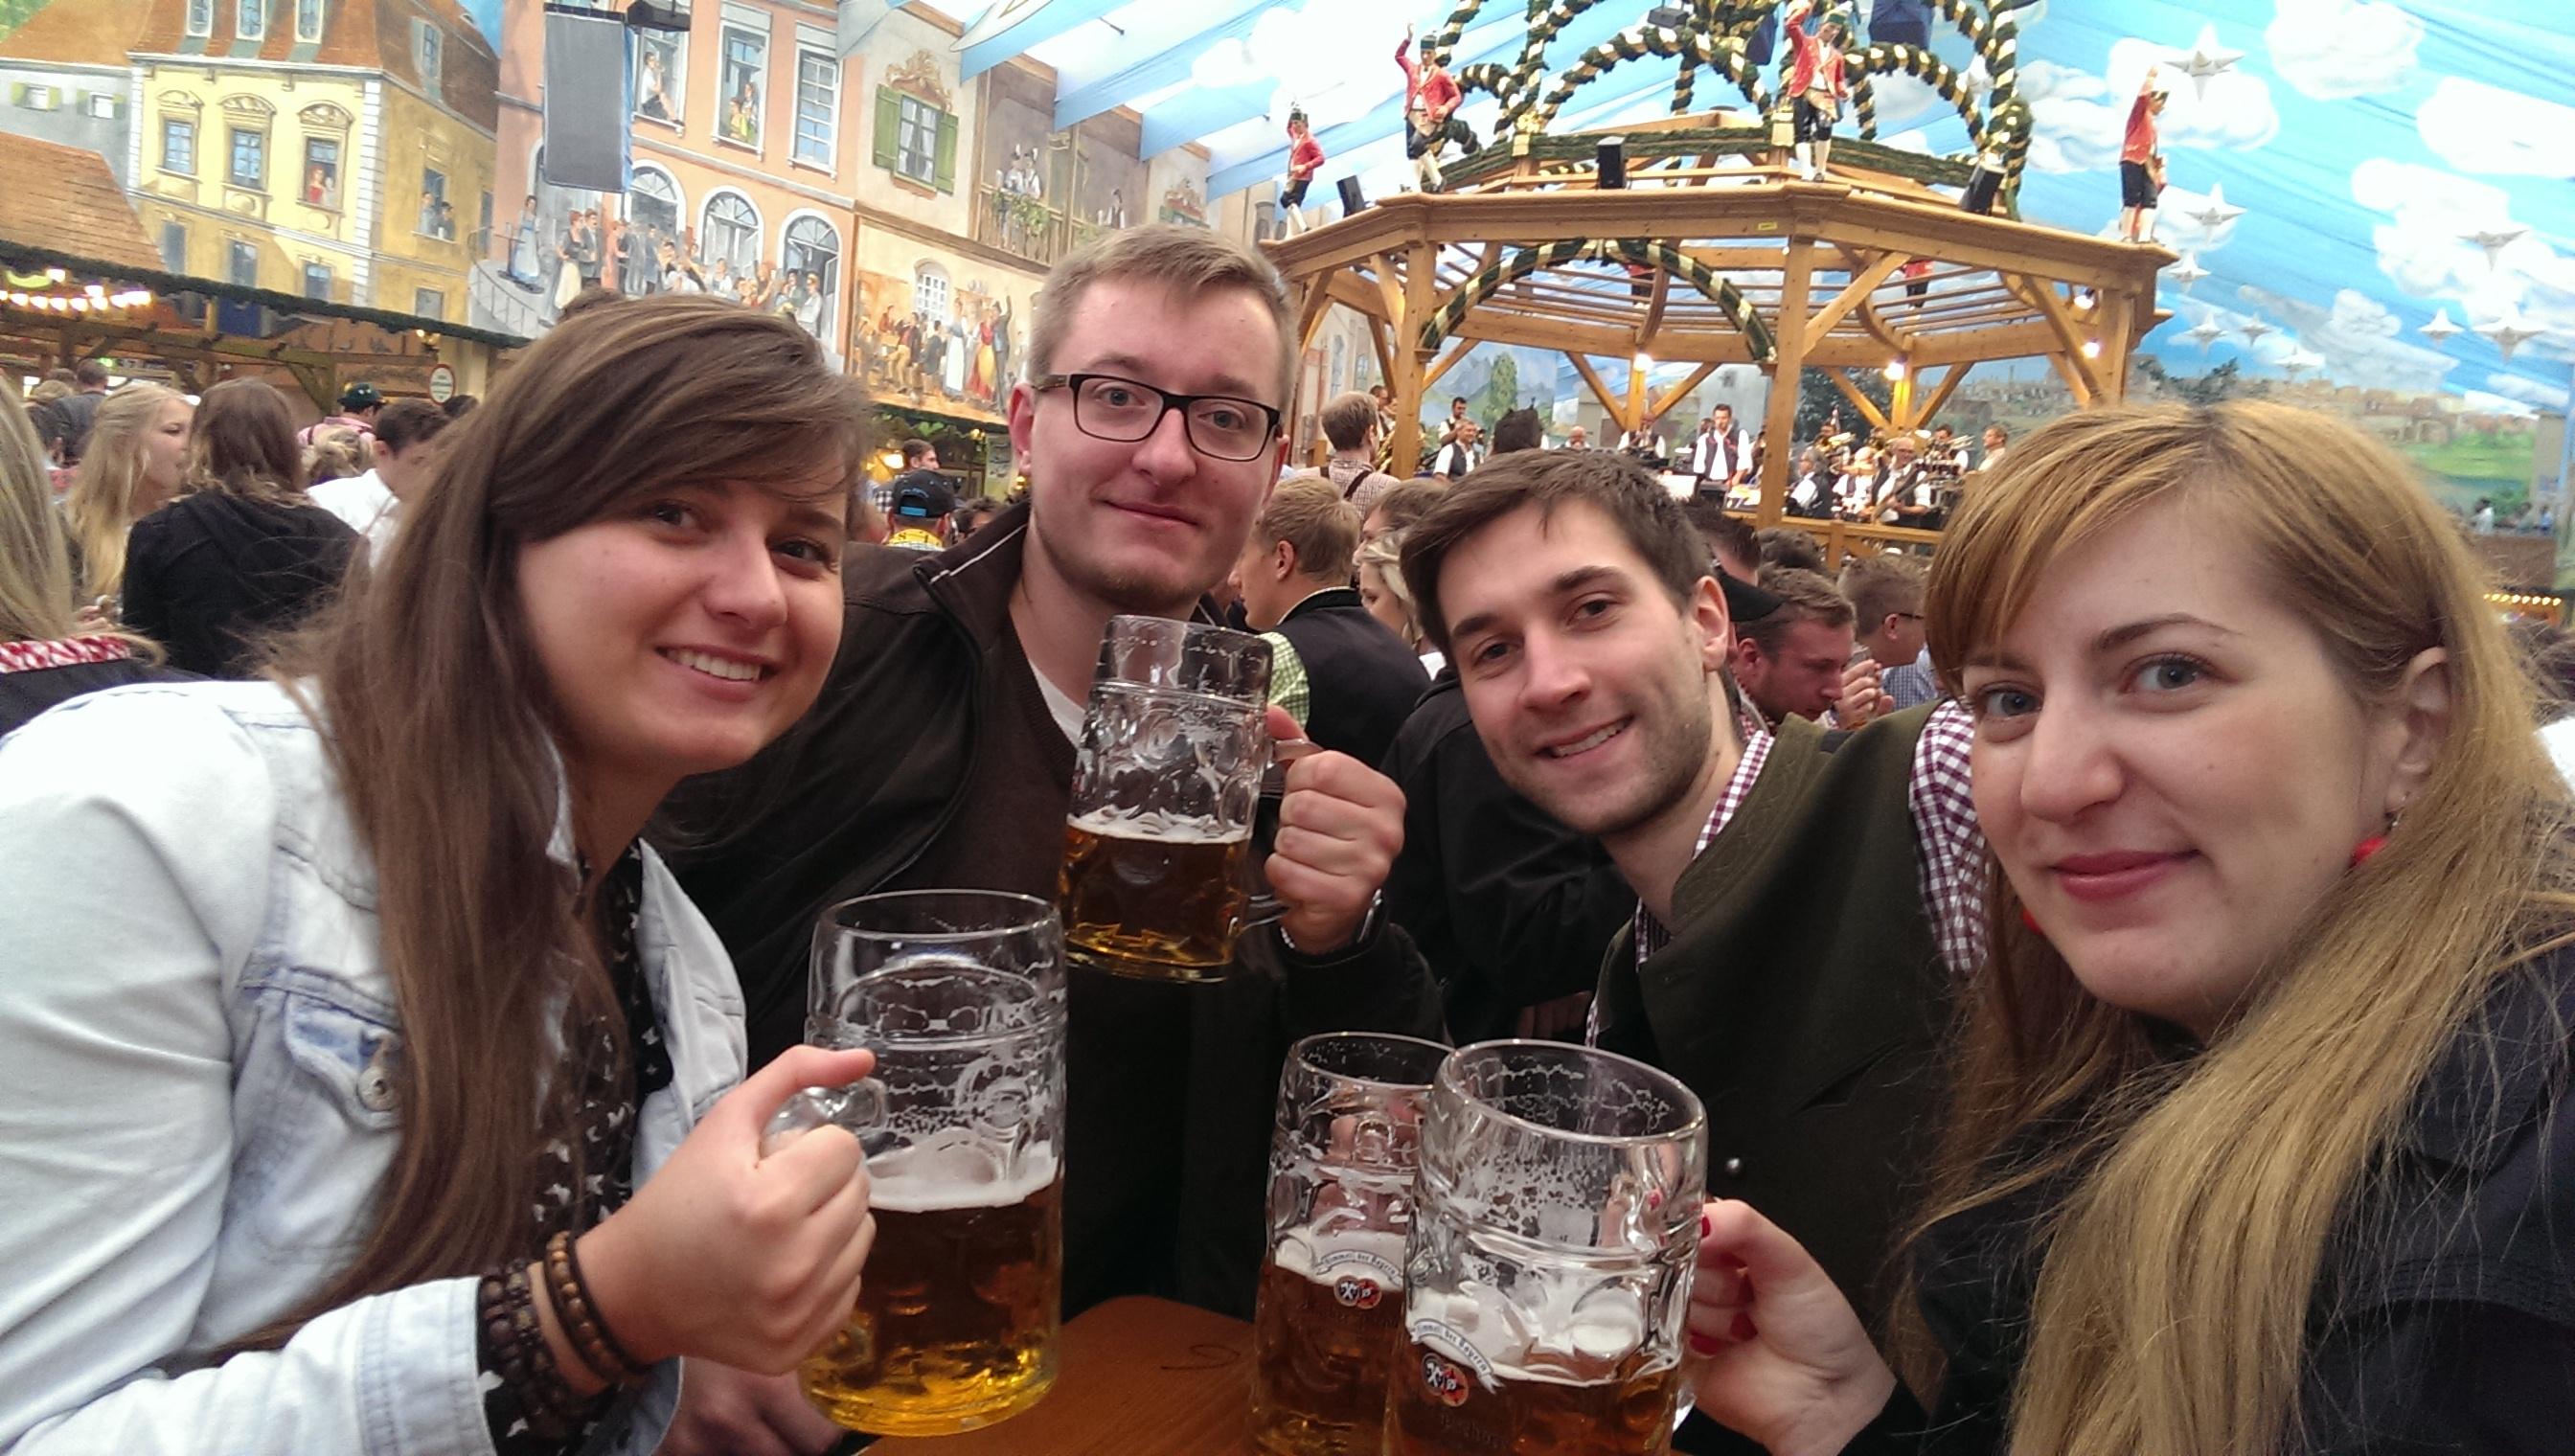 A oto my w namiocie! Ważne jest, żeby w namiocie znaleźć miejsce siedzące, inaczej nie możemy niestety zamówić piwa. Dla większej grupy osób niestety nie jest to takie łatwe zadanie. Na zdjęciu ja, mój Luby, mój znajomy którego odwiedzaliśmy w Monachium oraz moja koleżanka z uczelni :)